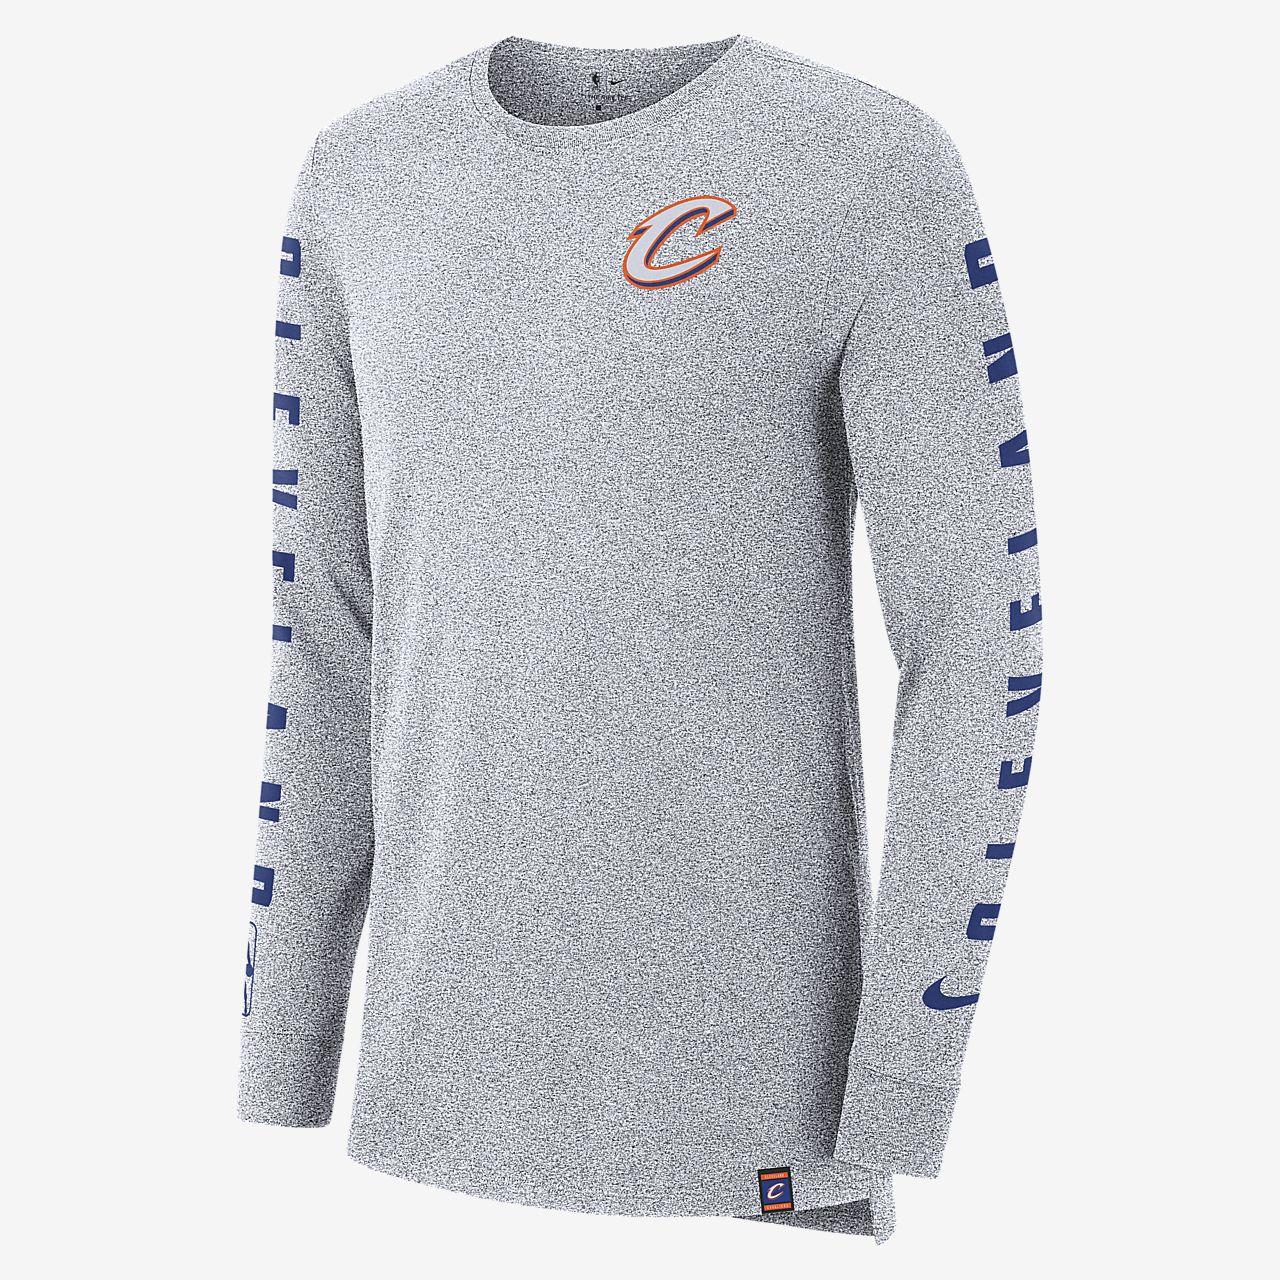 เสื้อยืด NBA แขนยาวผู้ชาย Cleveland Cavaliers City Edition Nike